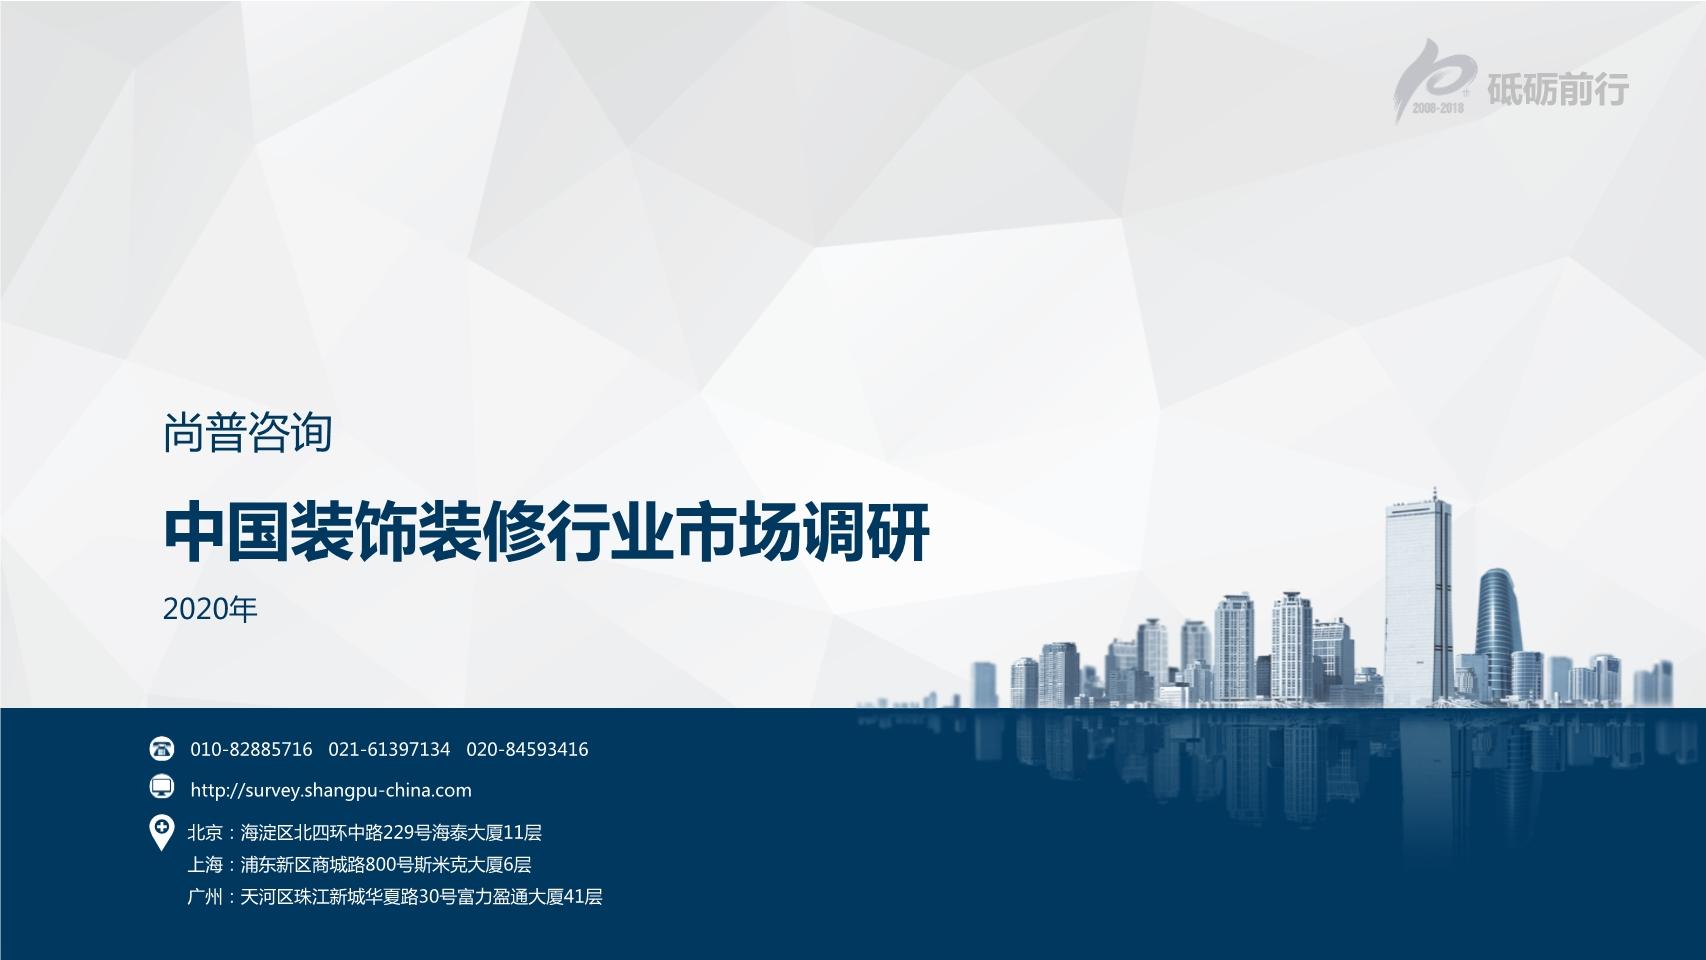 尚普咨询-2020年中国装饰装修行业市场前景分析